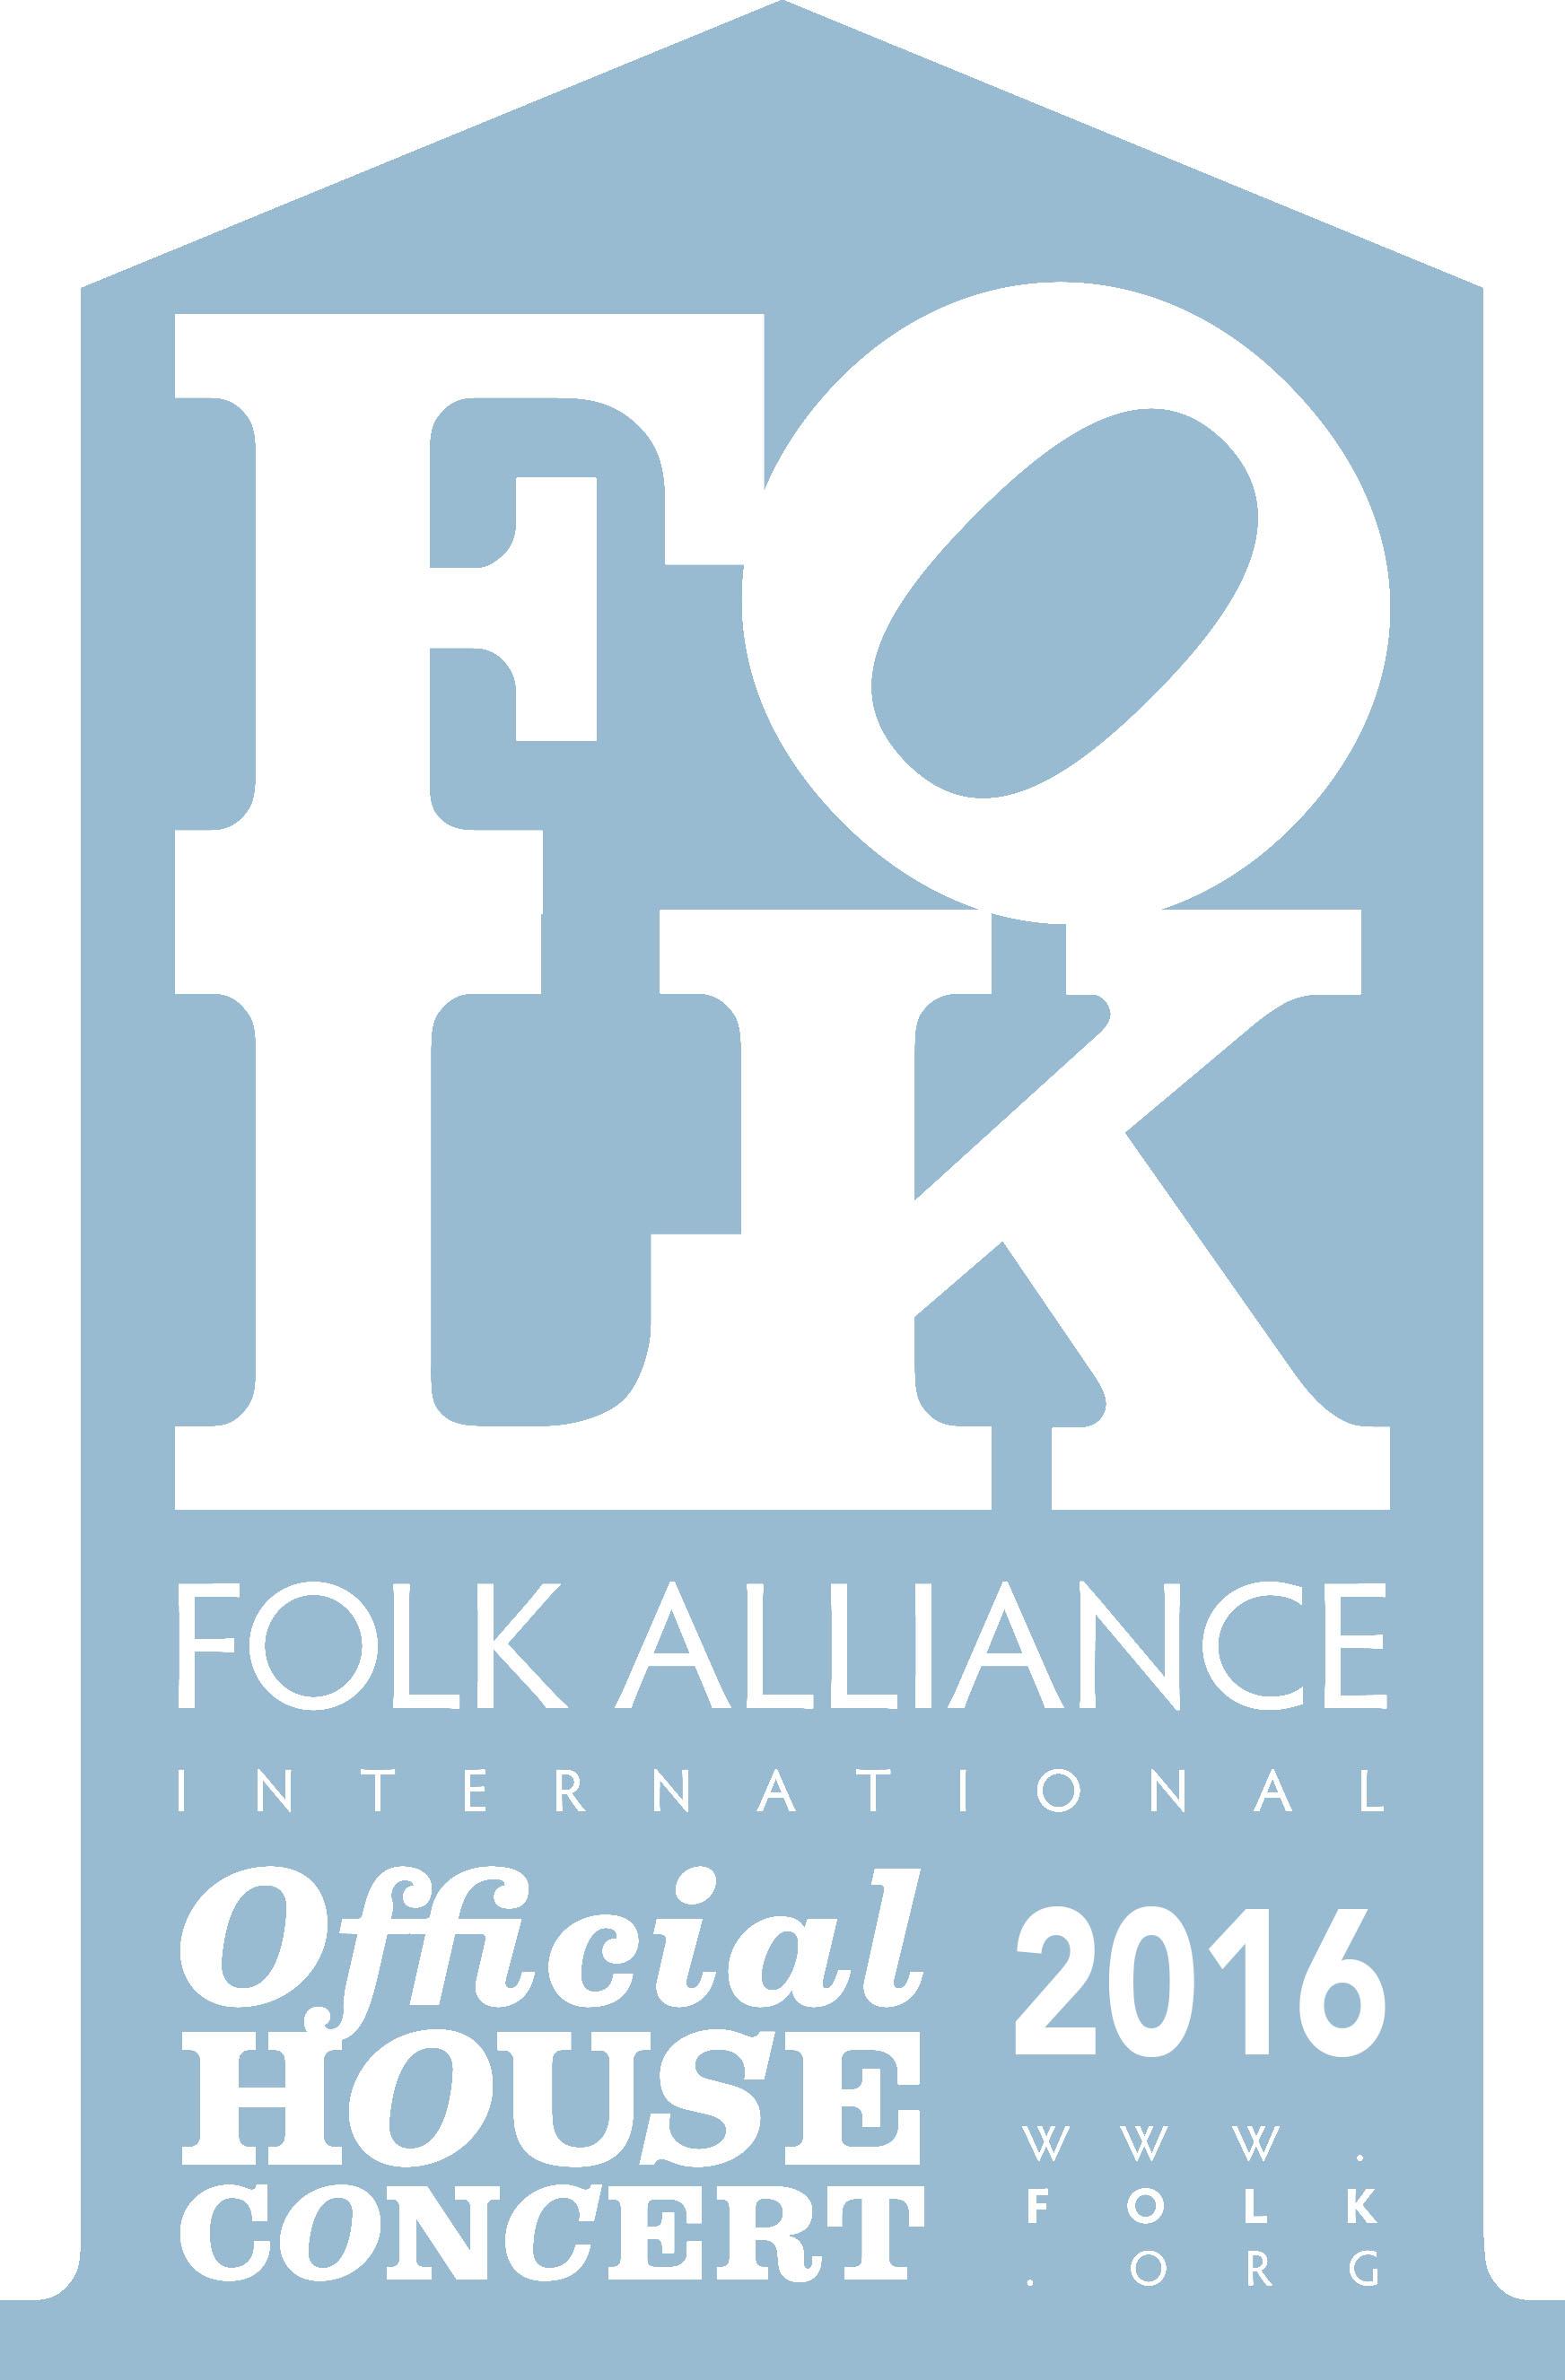 2016 Official House Concert Logo.jpg